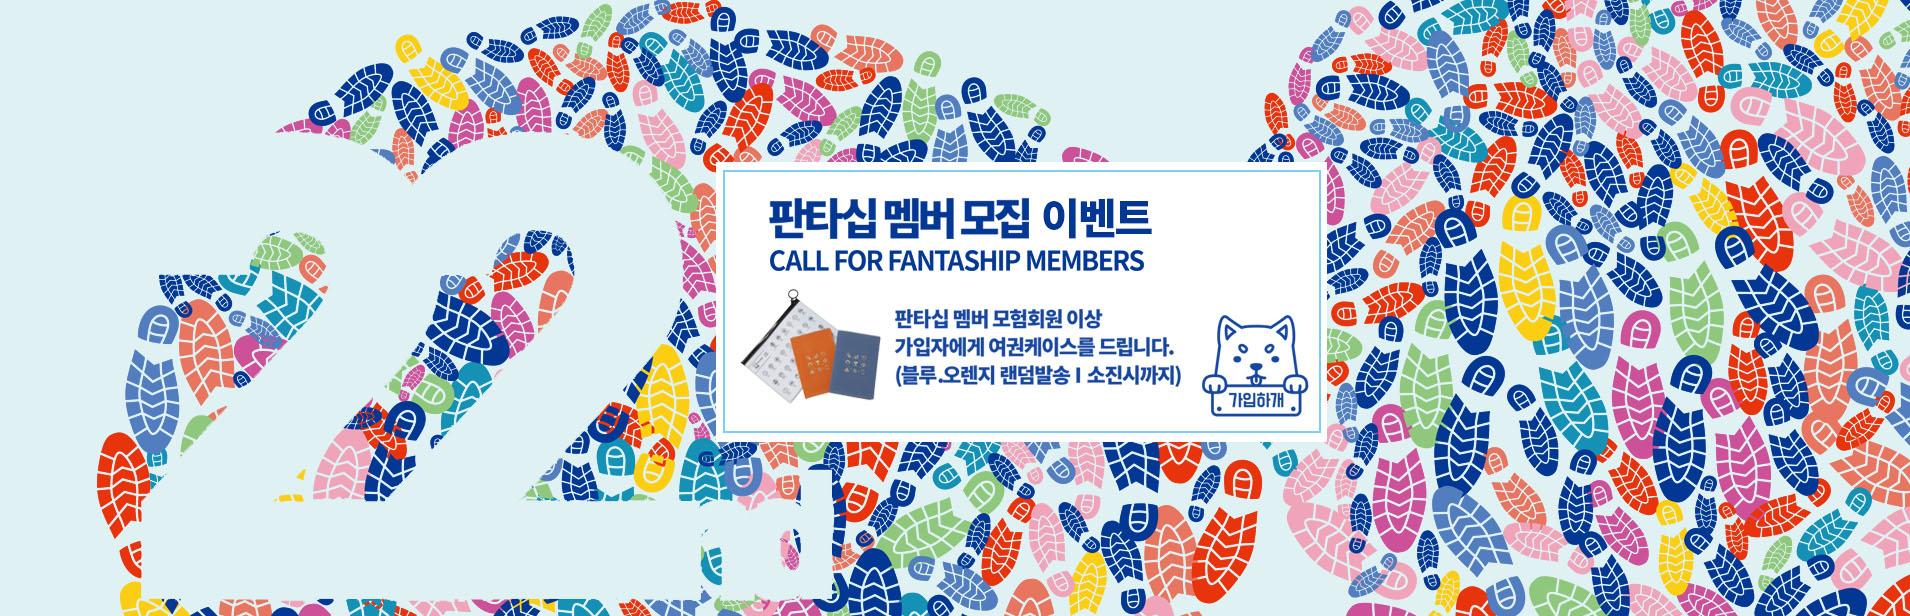 판타십 멤버 오픈